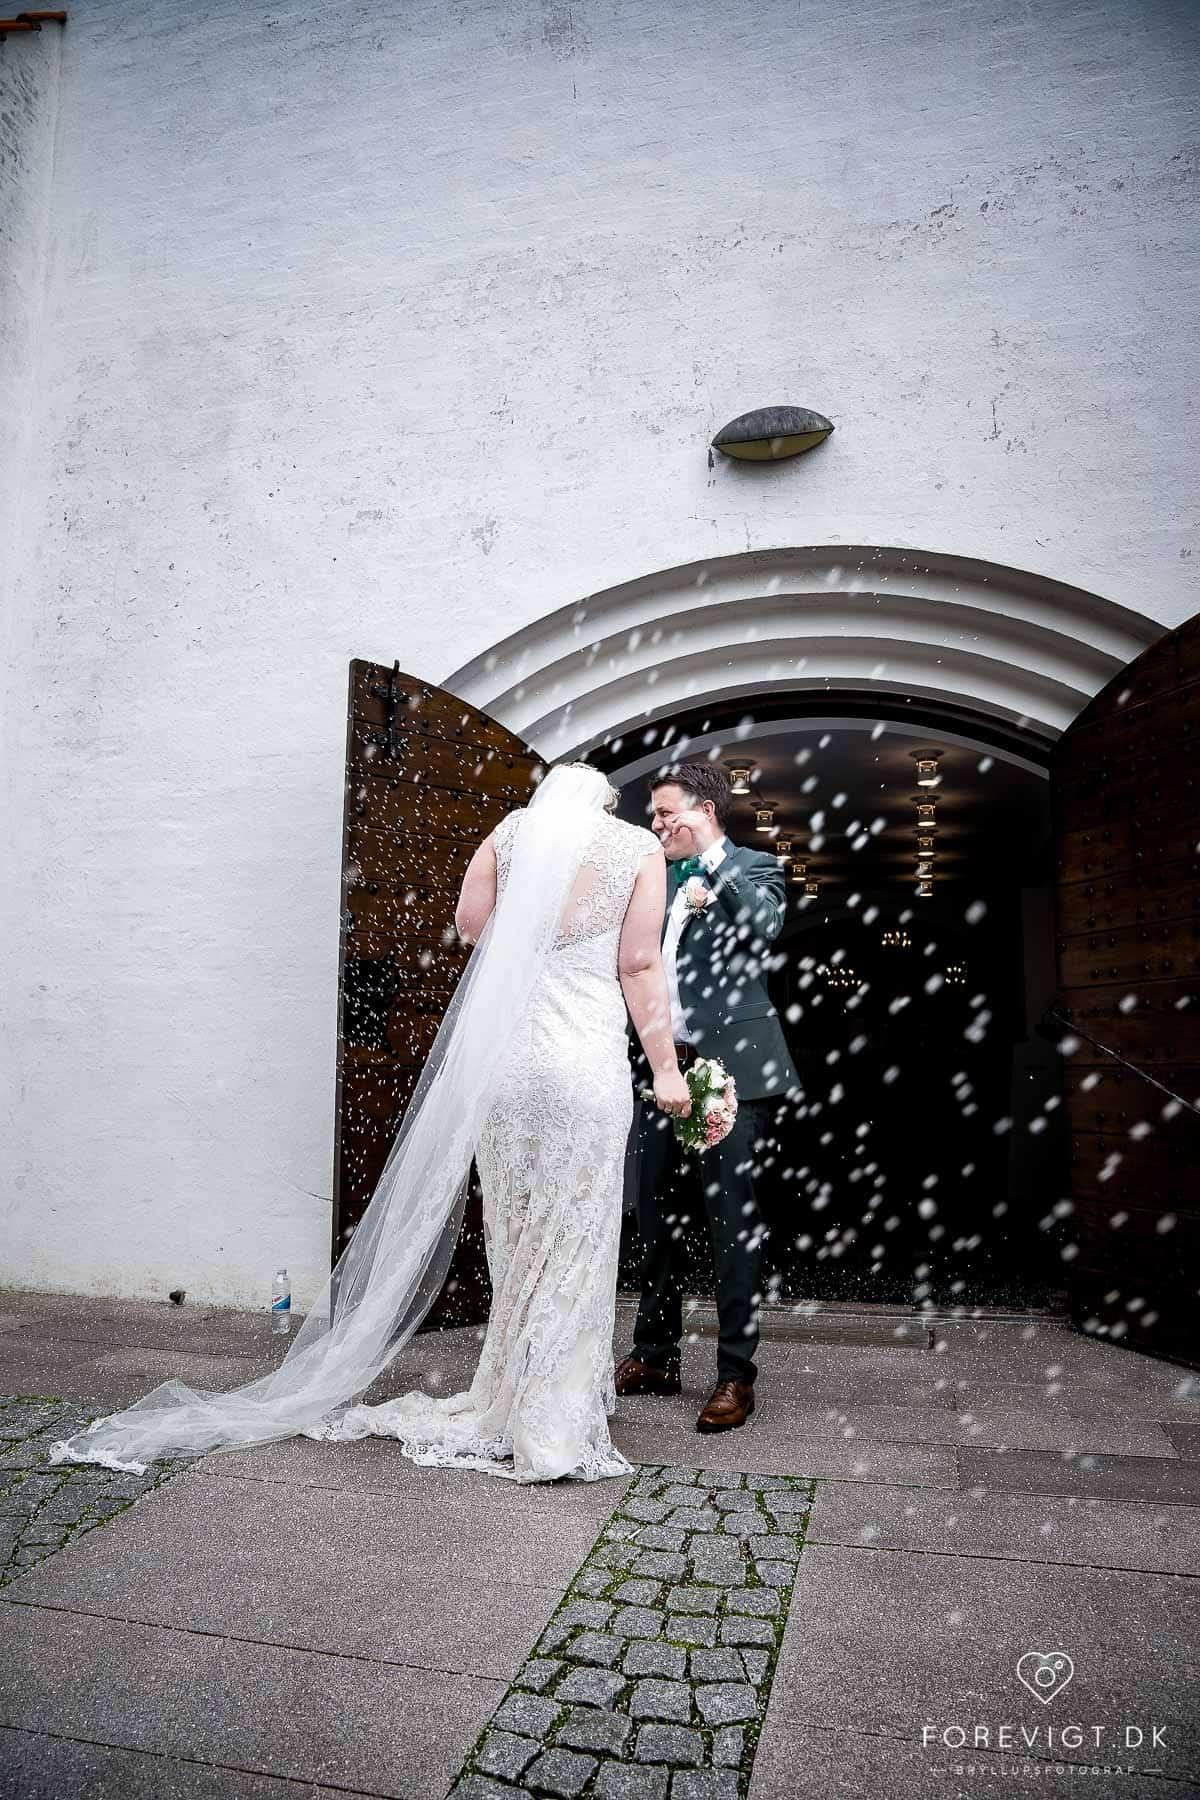 Bryllup i Vejle - Fotograf Vejle | Fotograf, Bryllup, Bryllupsminder